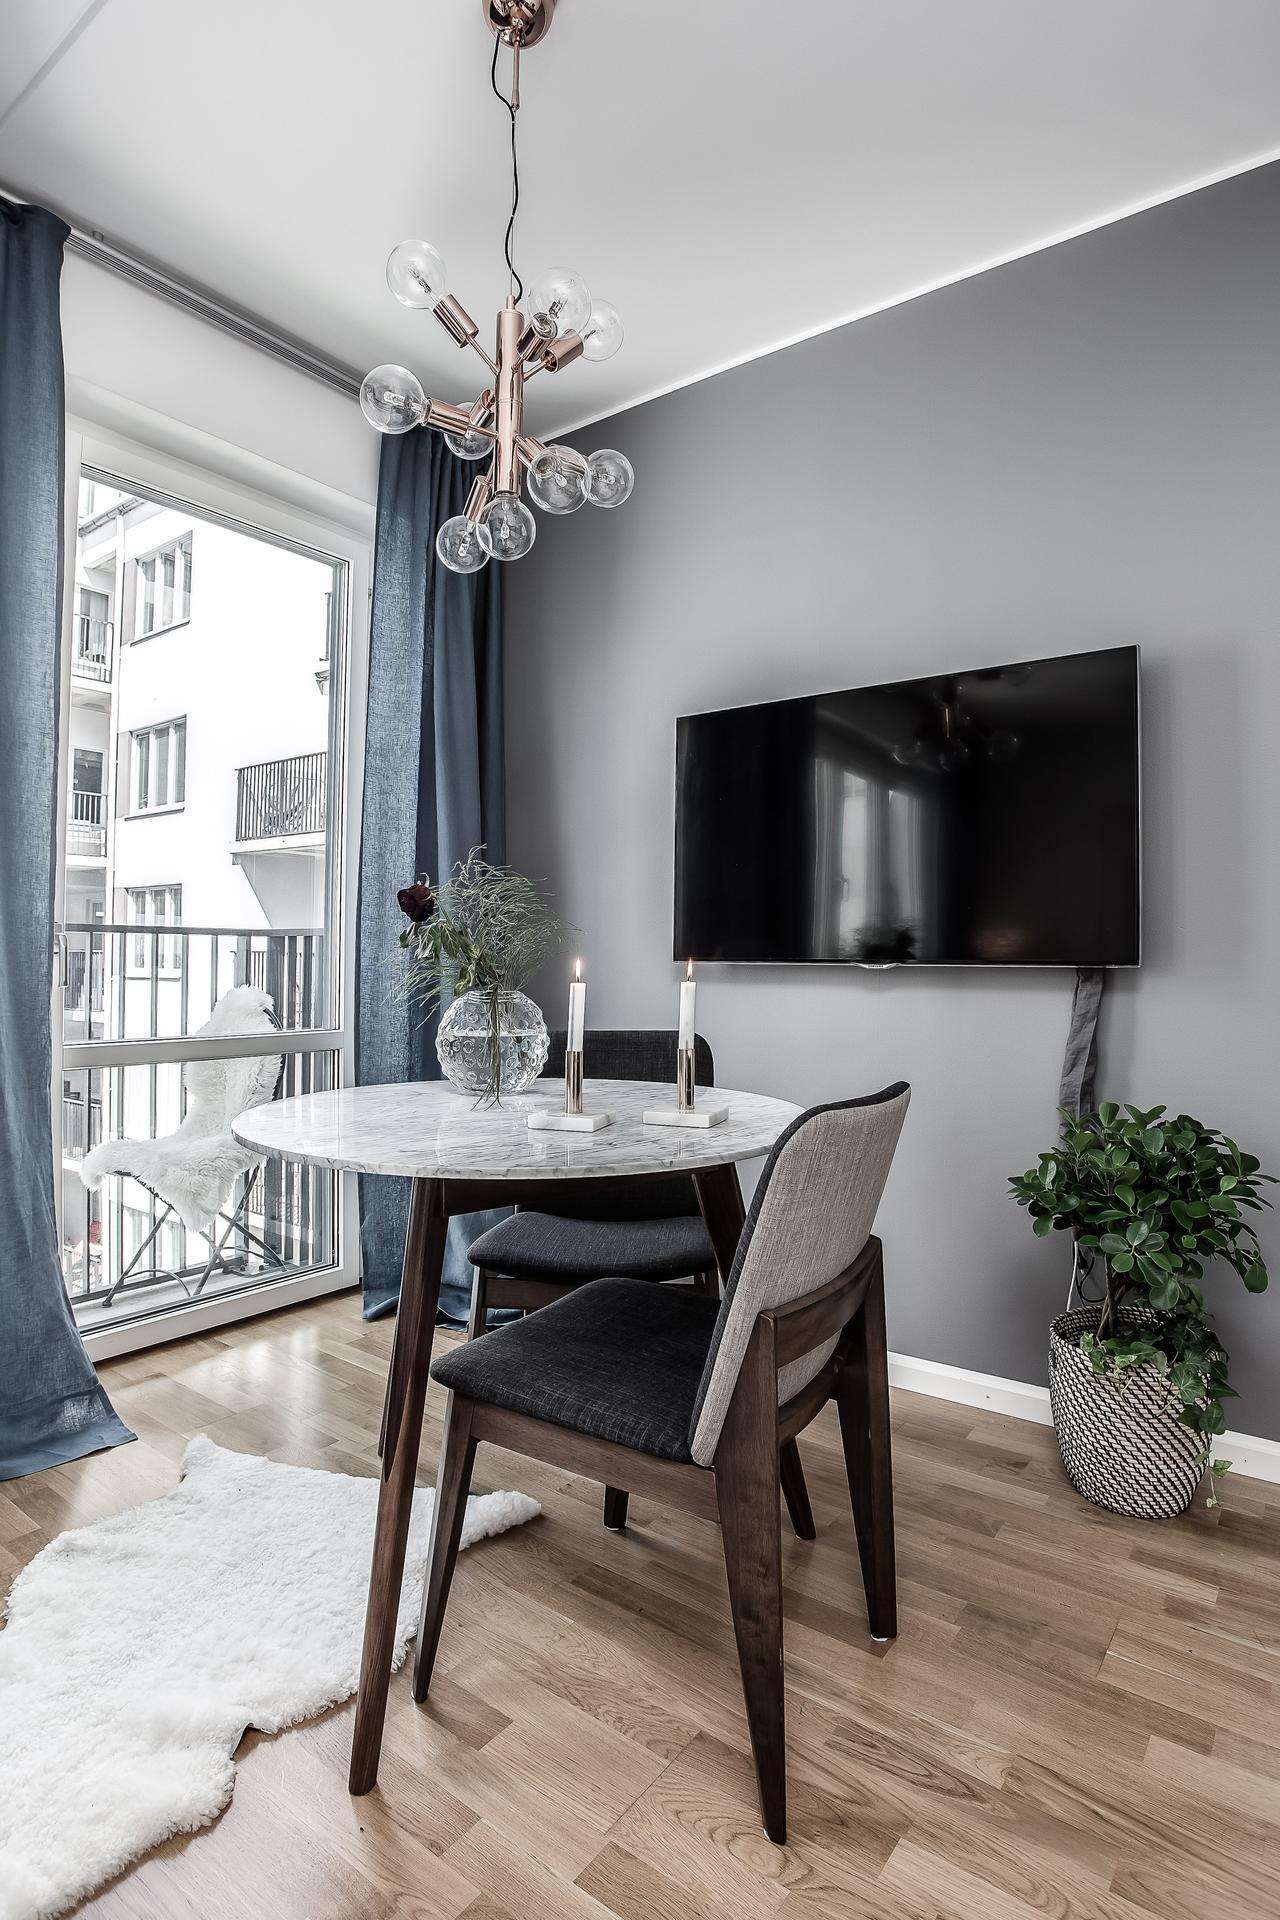 гостиная балкон обеденный стол стулья телевизор